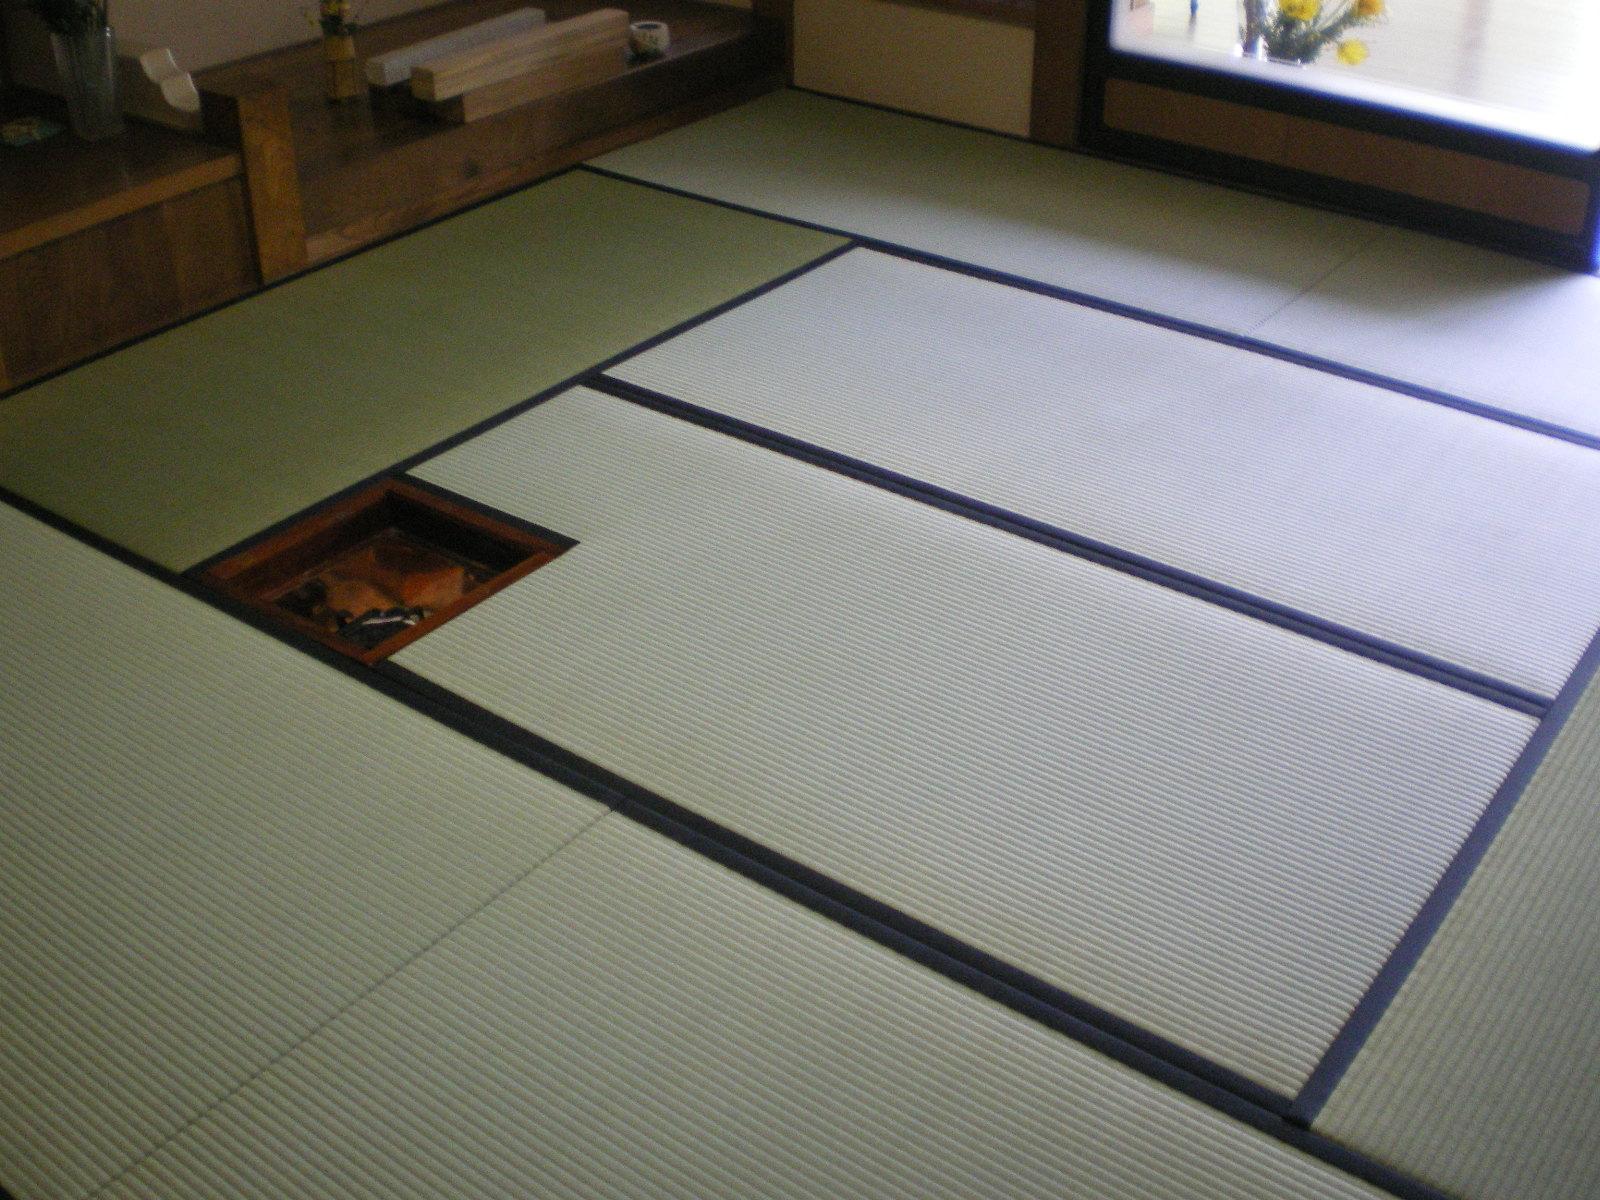 茶室新畳入れ替え(国産ブランド畳表)